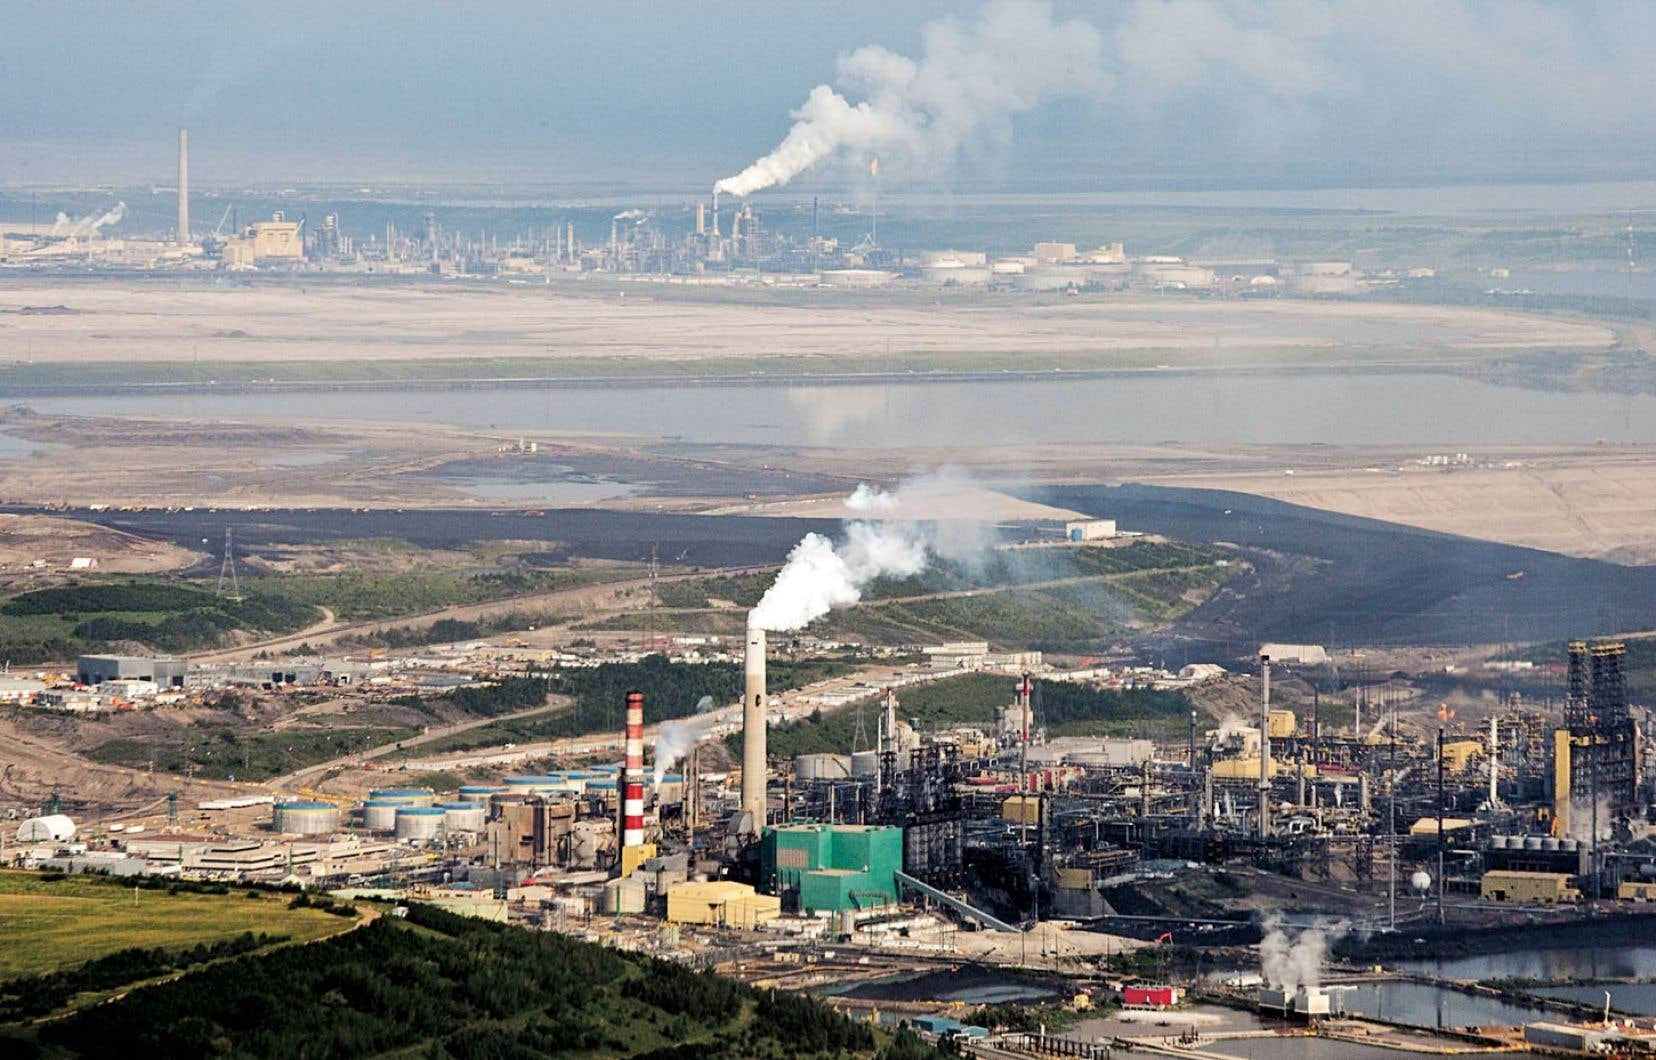 Les installations de Suncor à Fort McMurray, en Alberta. La raffinerie montréalaise Suncor pourrait éventuellement traiter du pétrole synthétique issu des sables bitumineux.